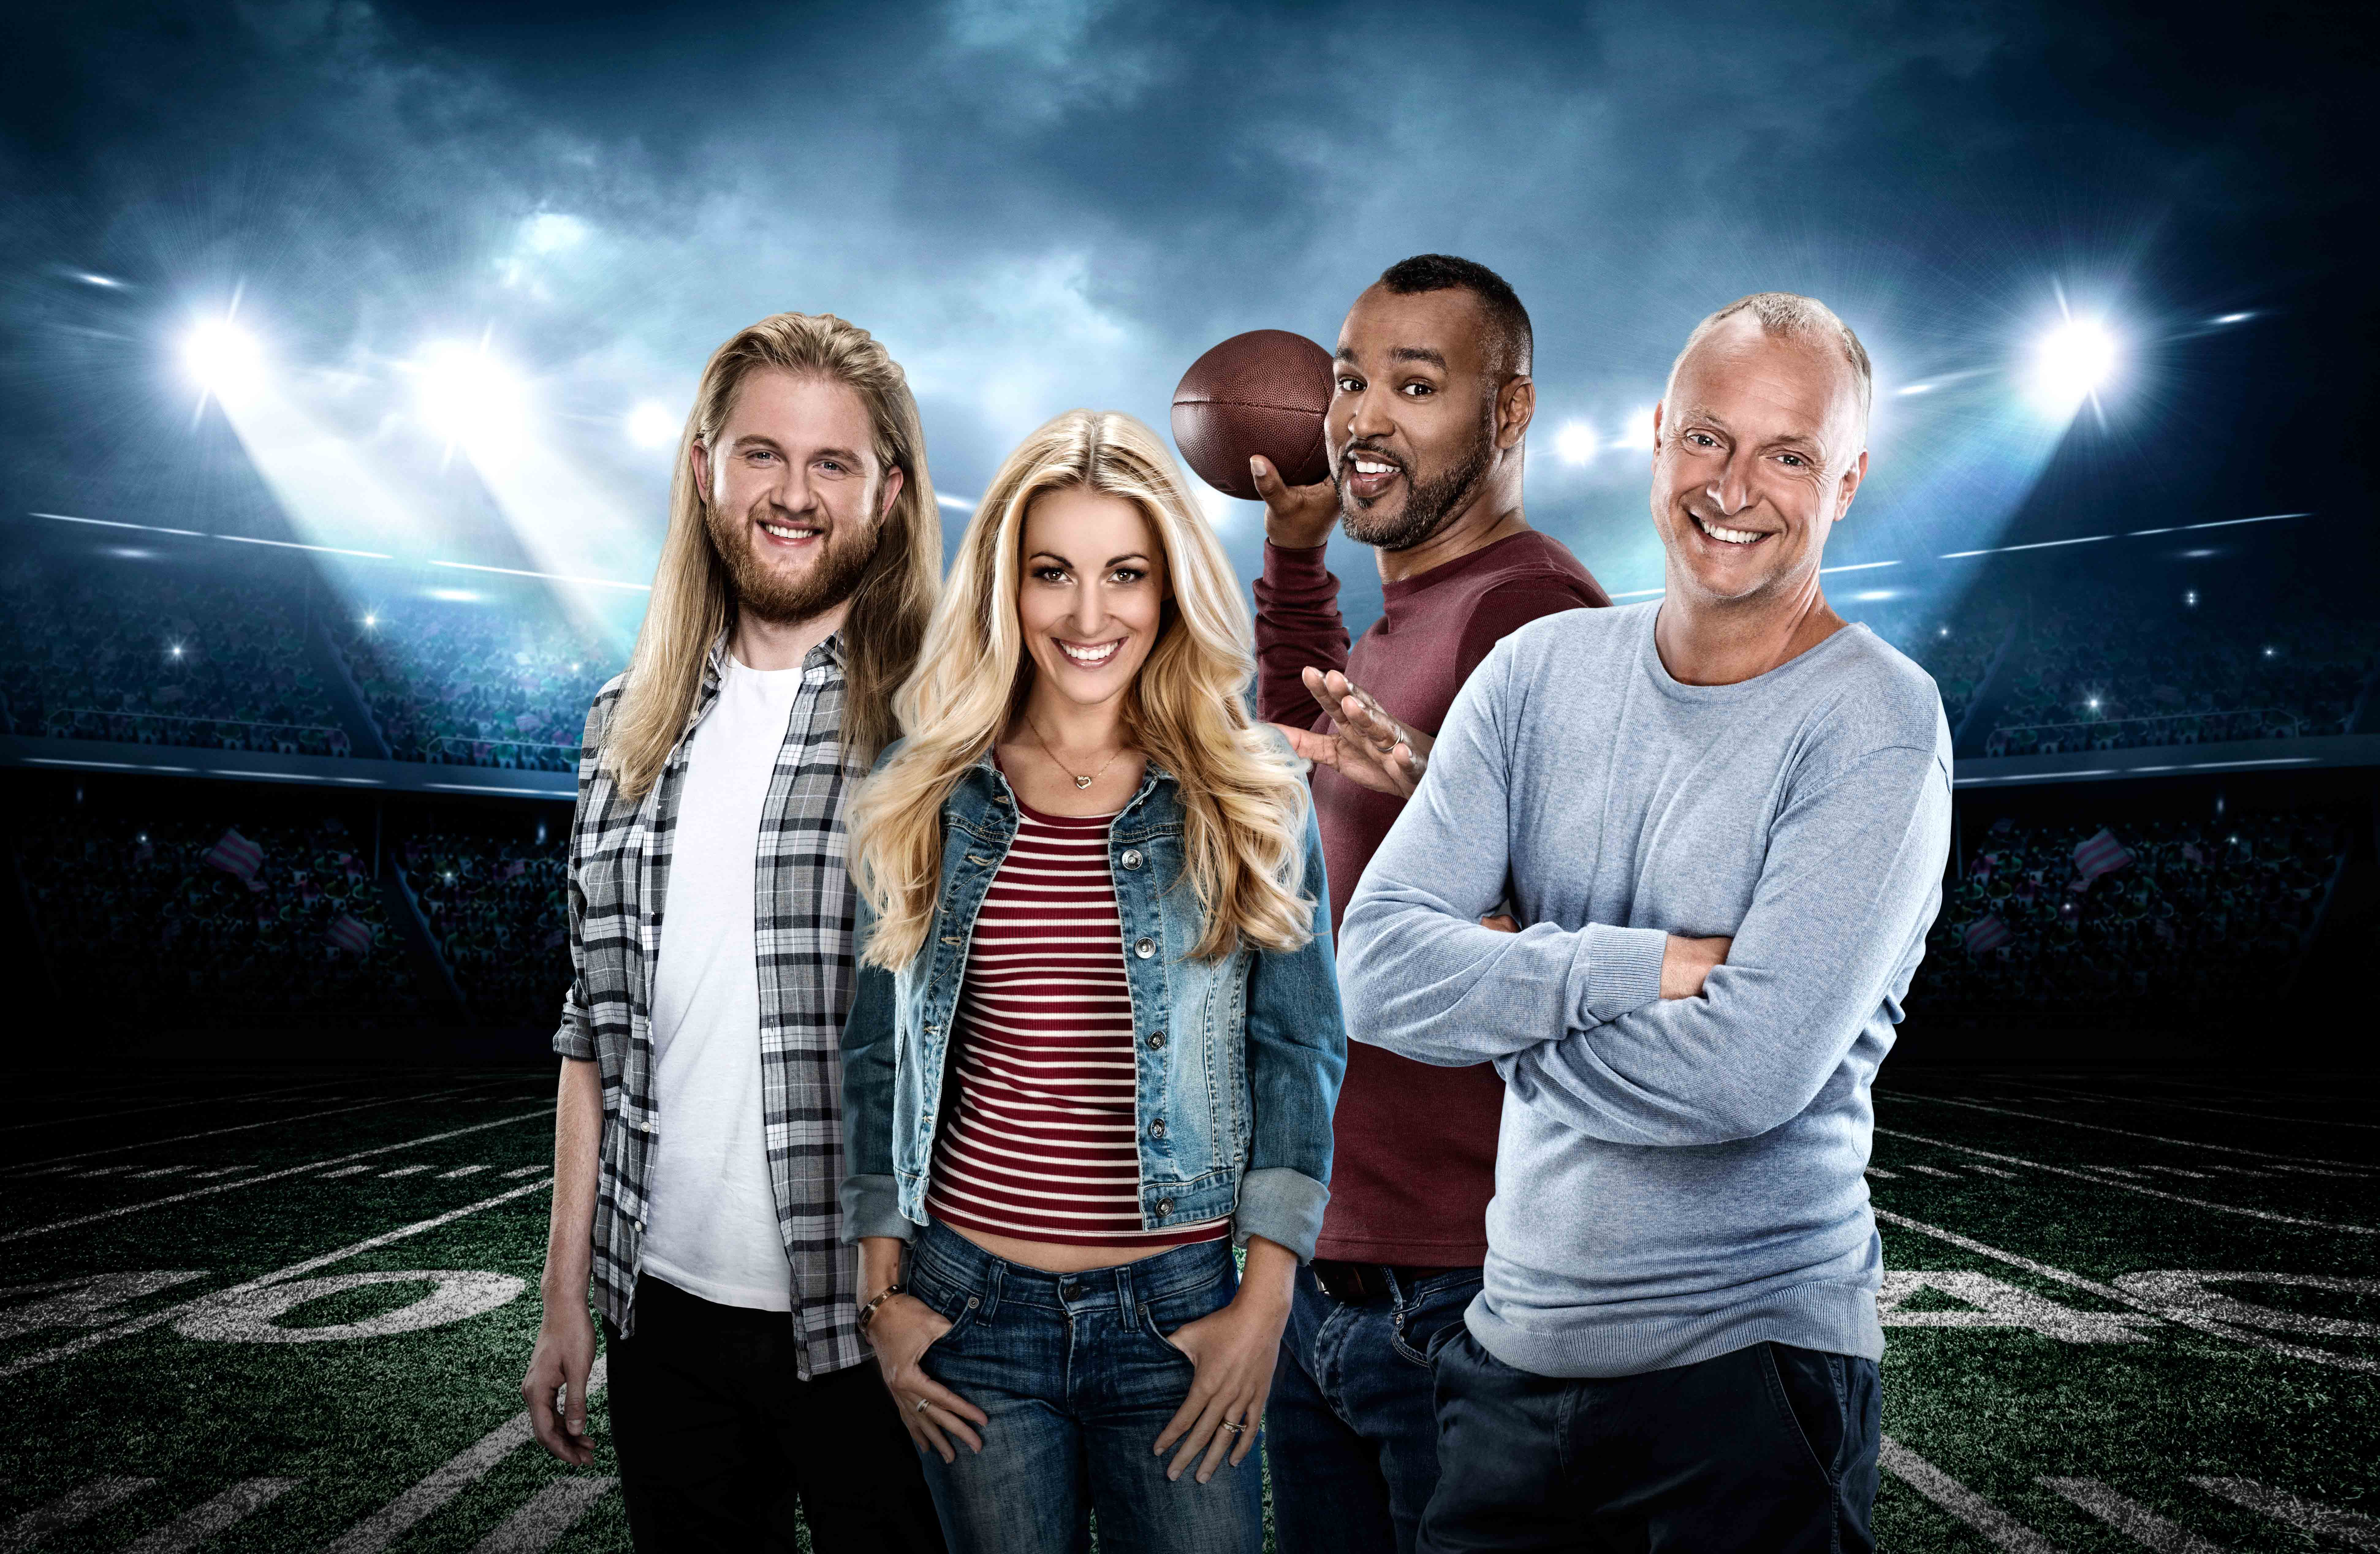 51 Super Bowl Live In Sat 1 New England Patriots Atlanta Falcons Am Sonntag 5 Presseportal